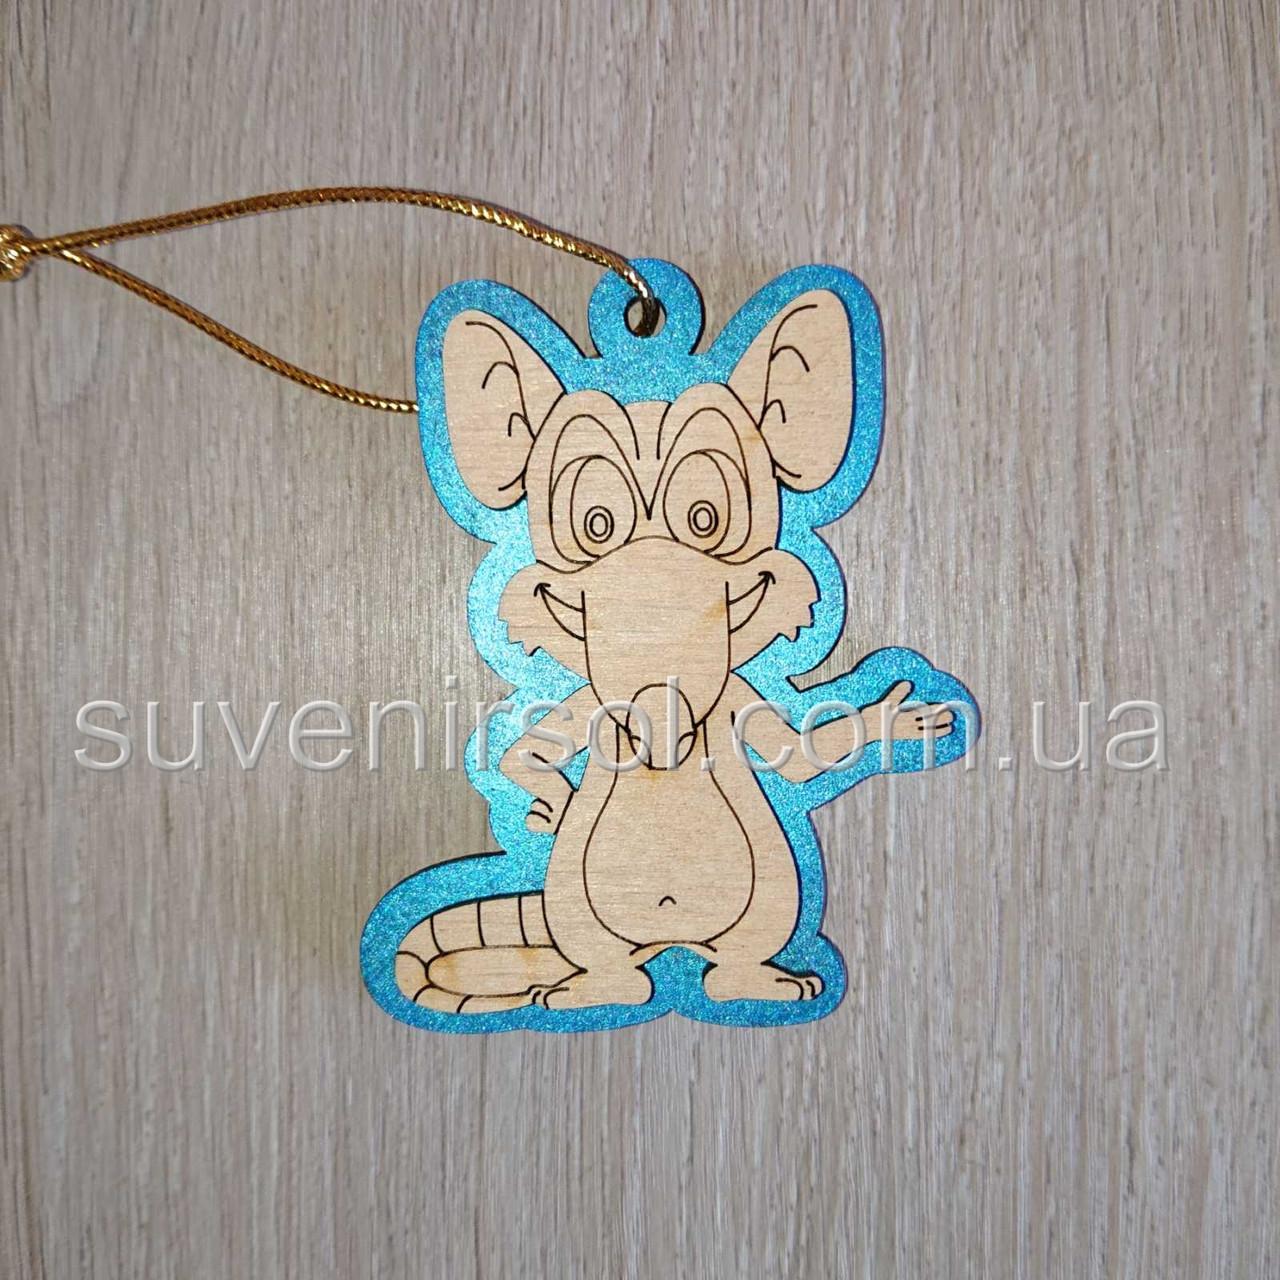 Магнит-подвеска Мышка 8